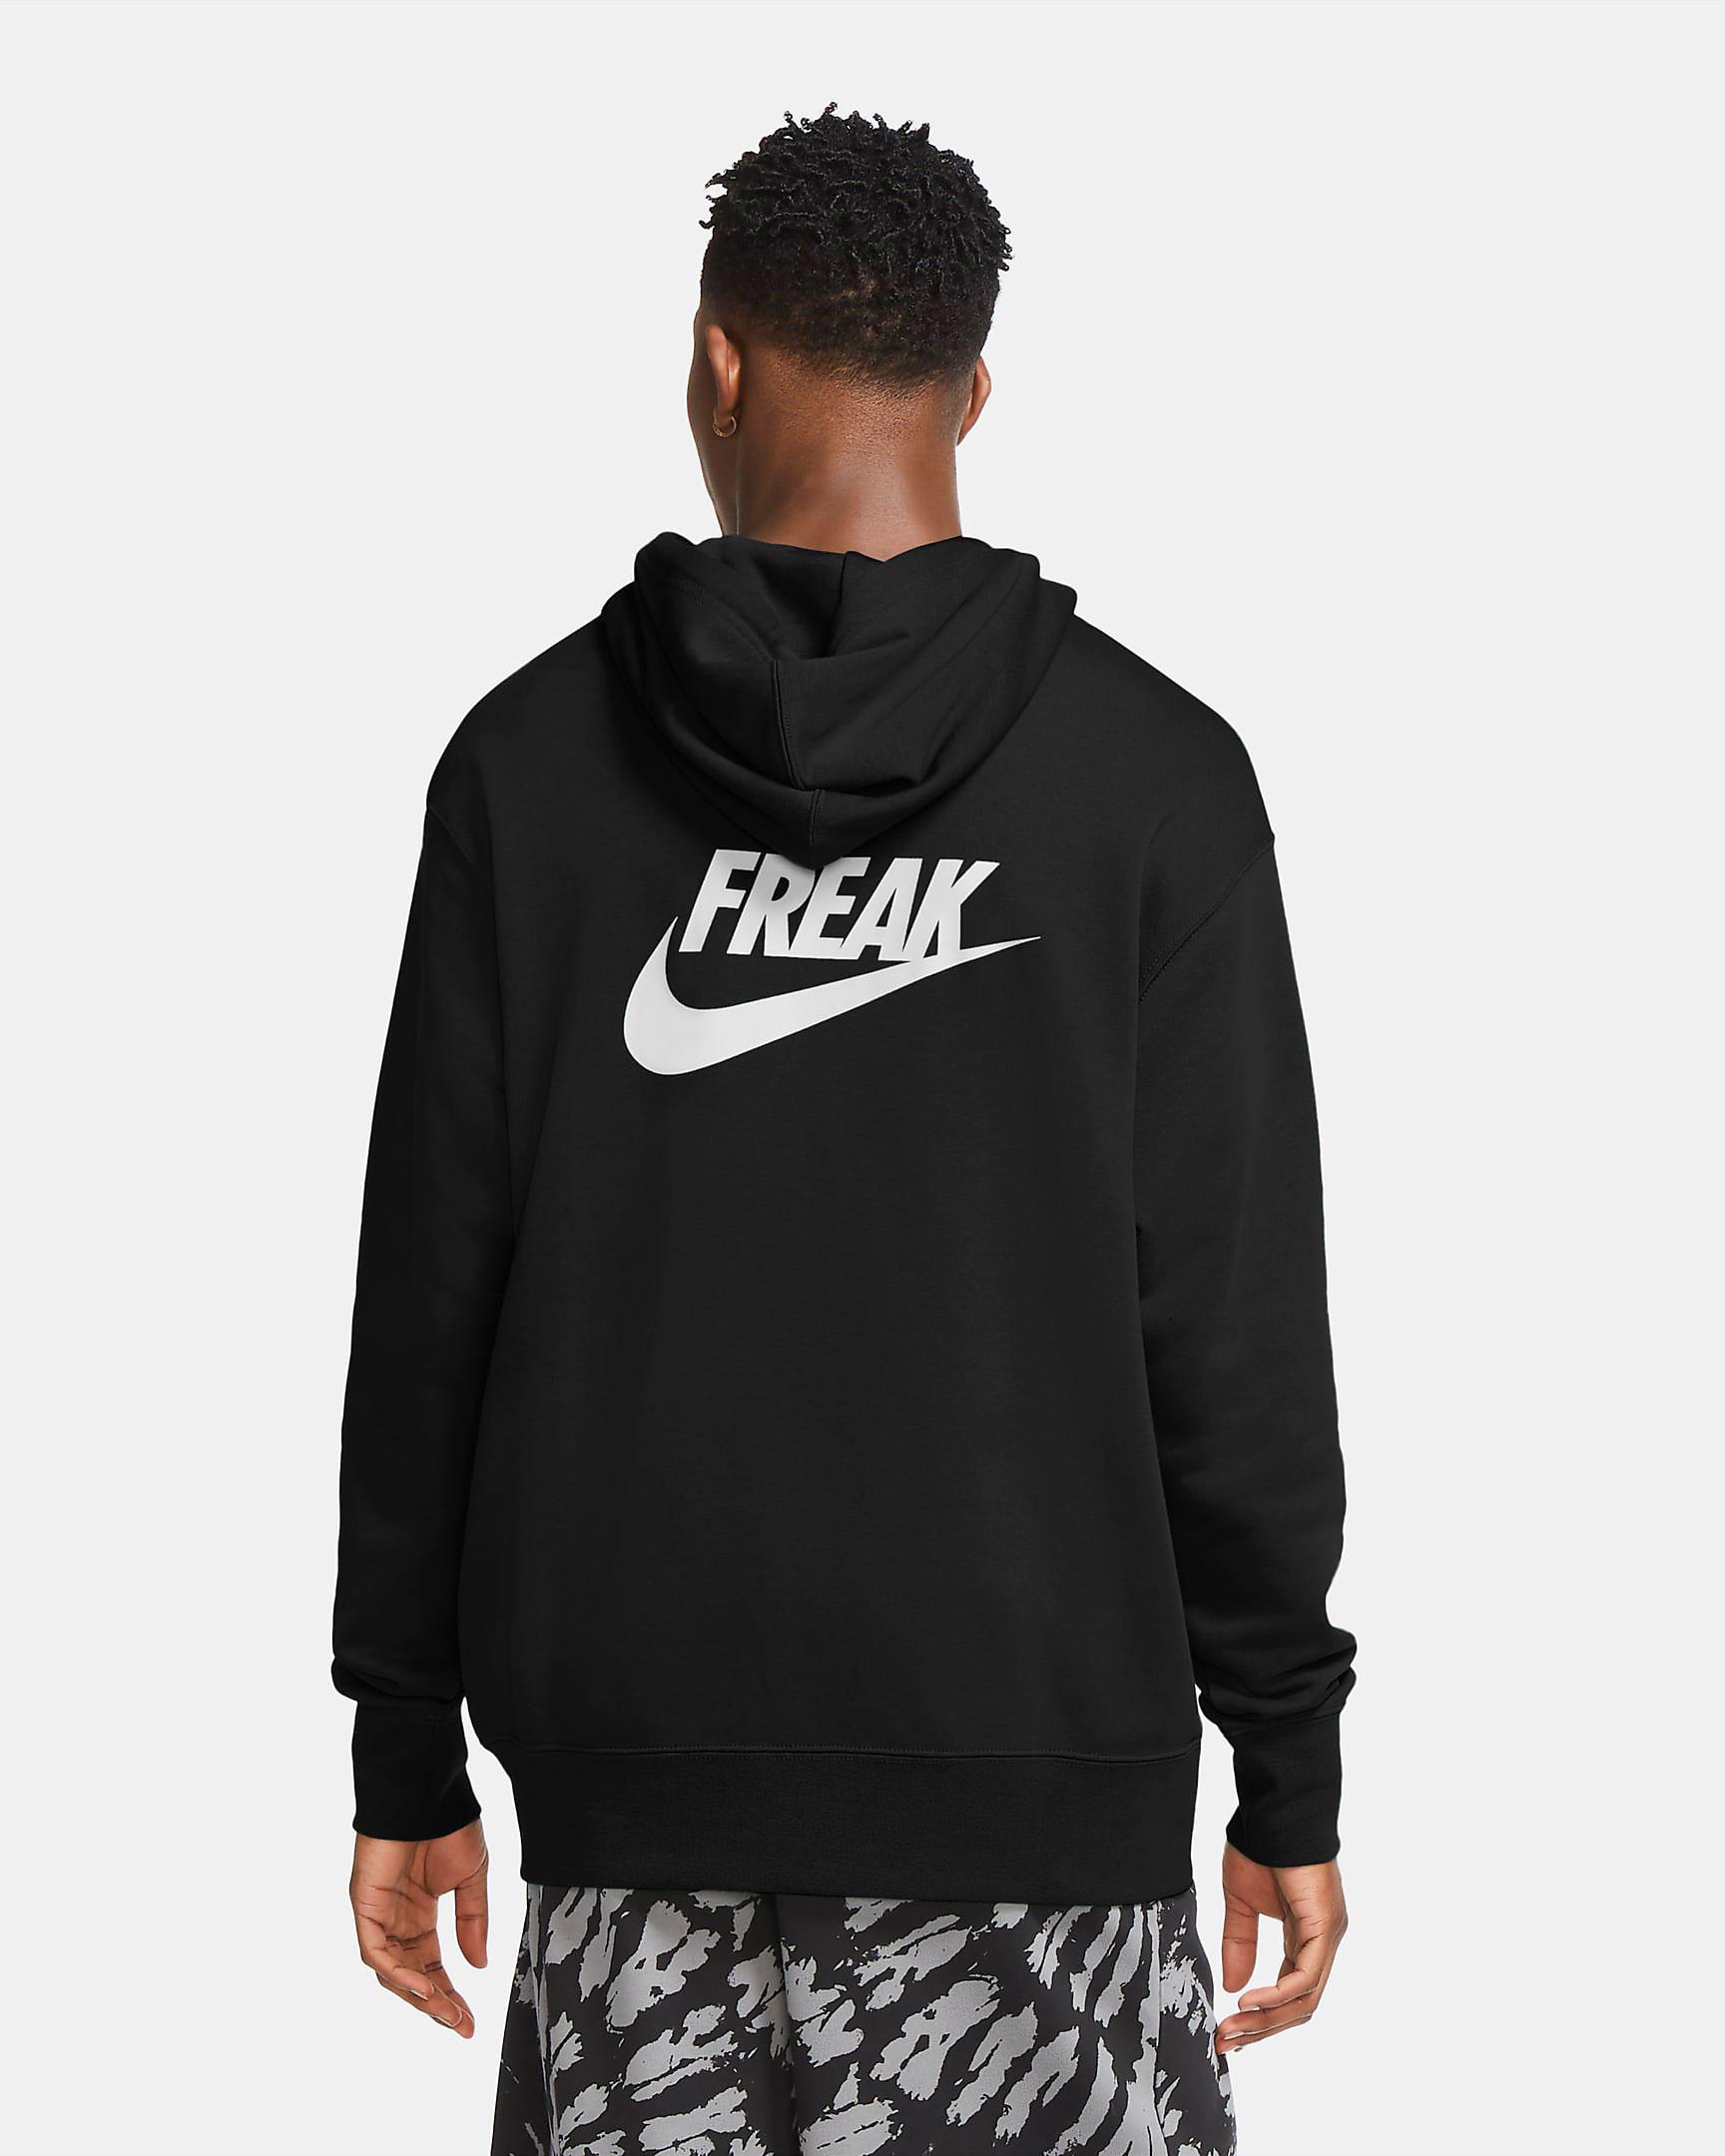 nike-zoom-freak-2-black-white-hoodie-2